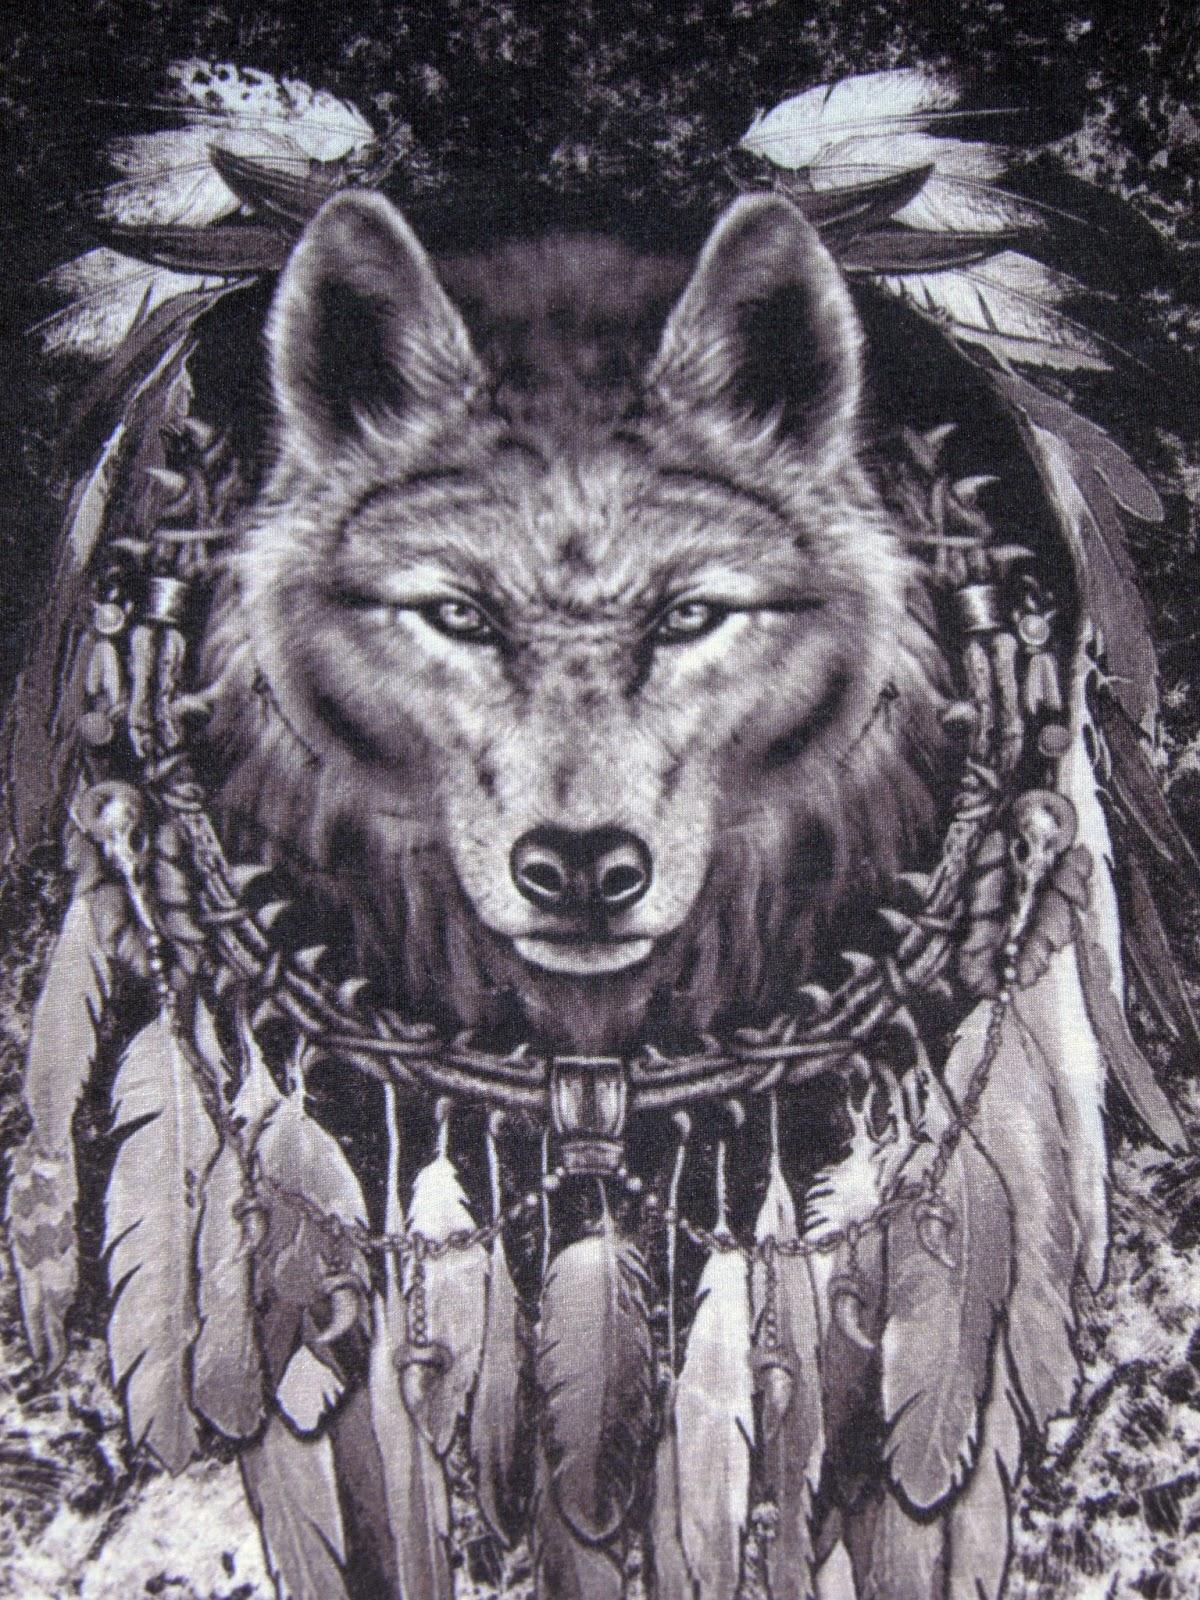 Imagenes De Indios Con Lobos Varios Lobos Junto A Un